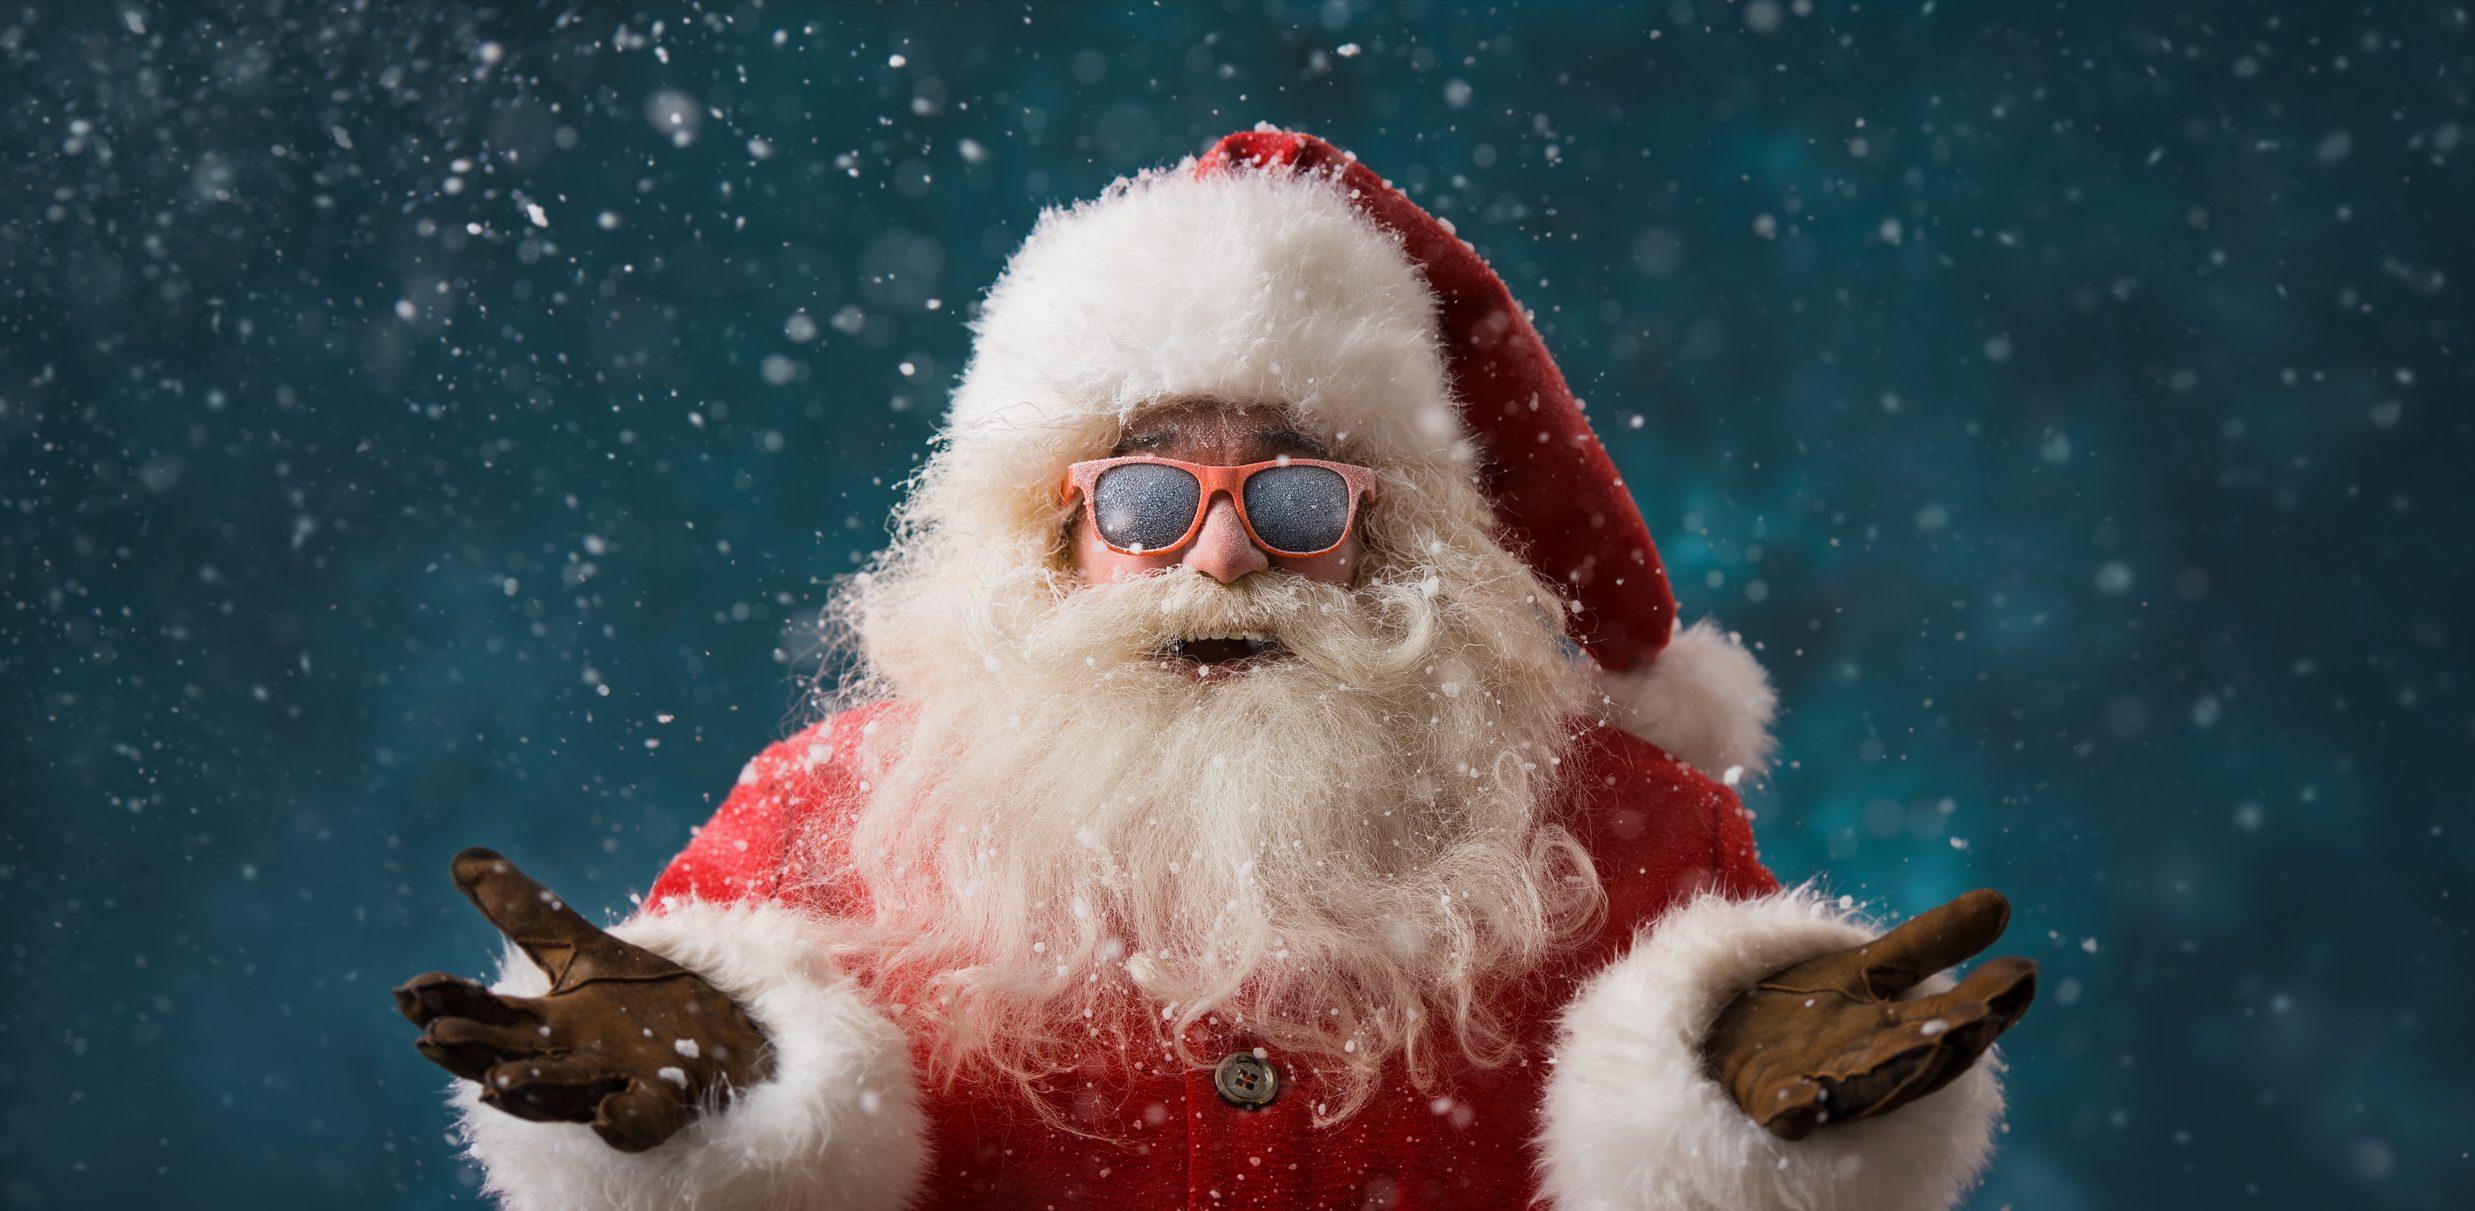 La Storia Babbo Natale.La Vera Storia Di Babbo Natale Chi E L Uomo Vestito Di